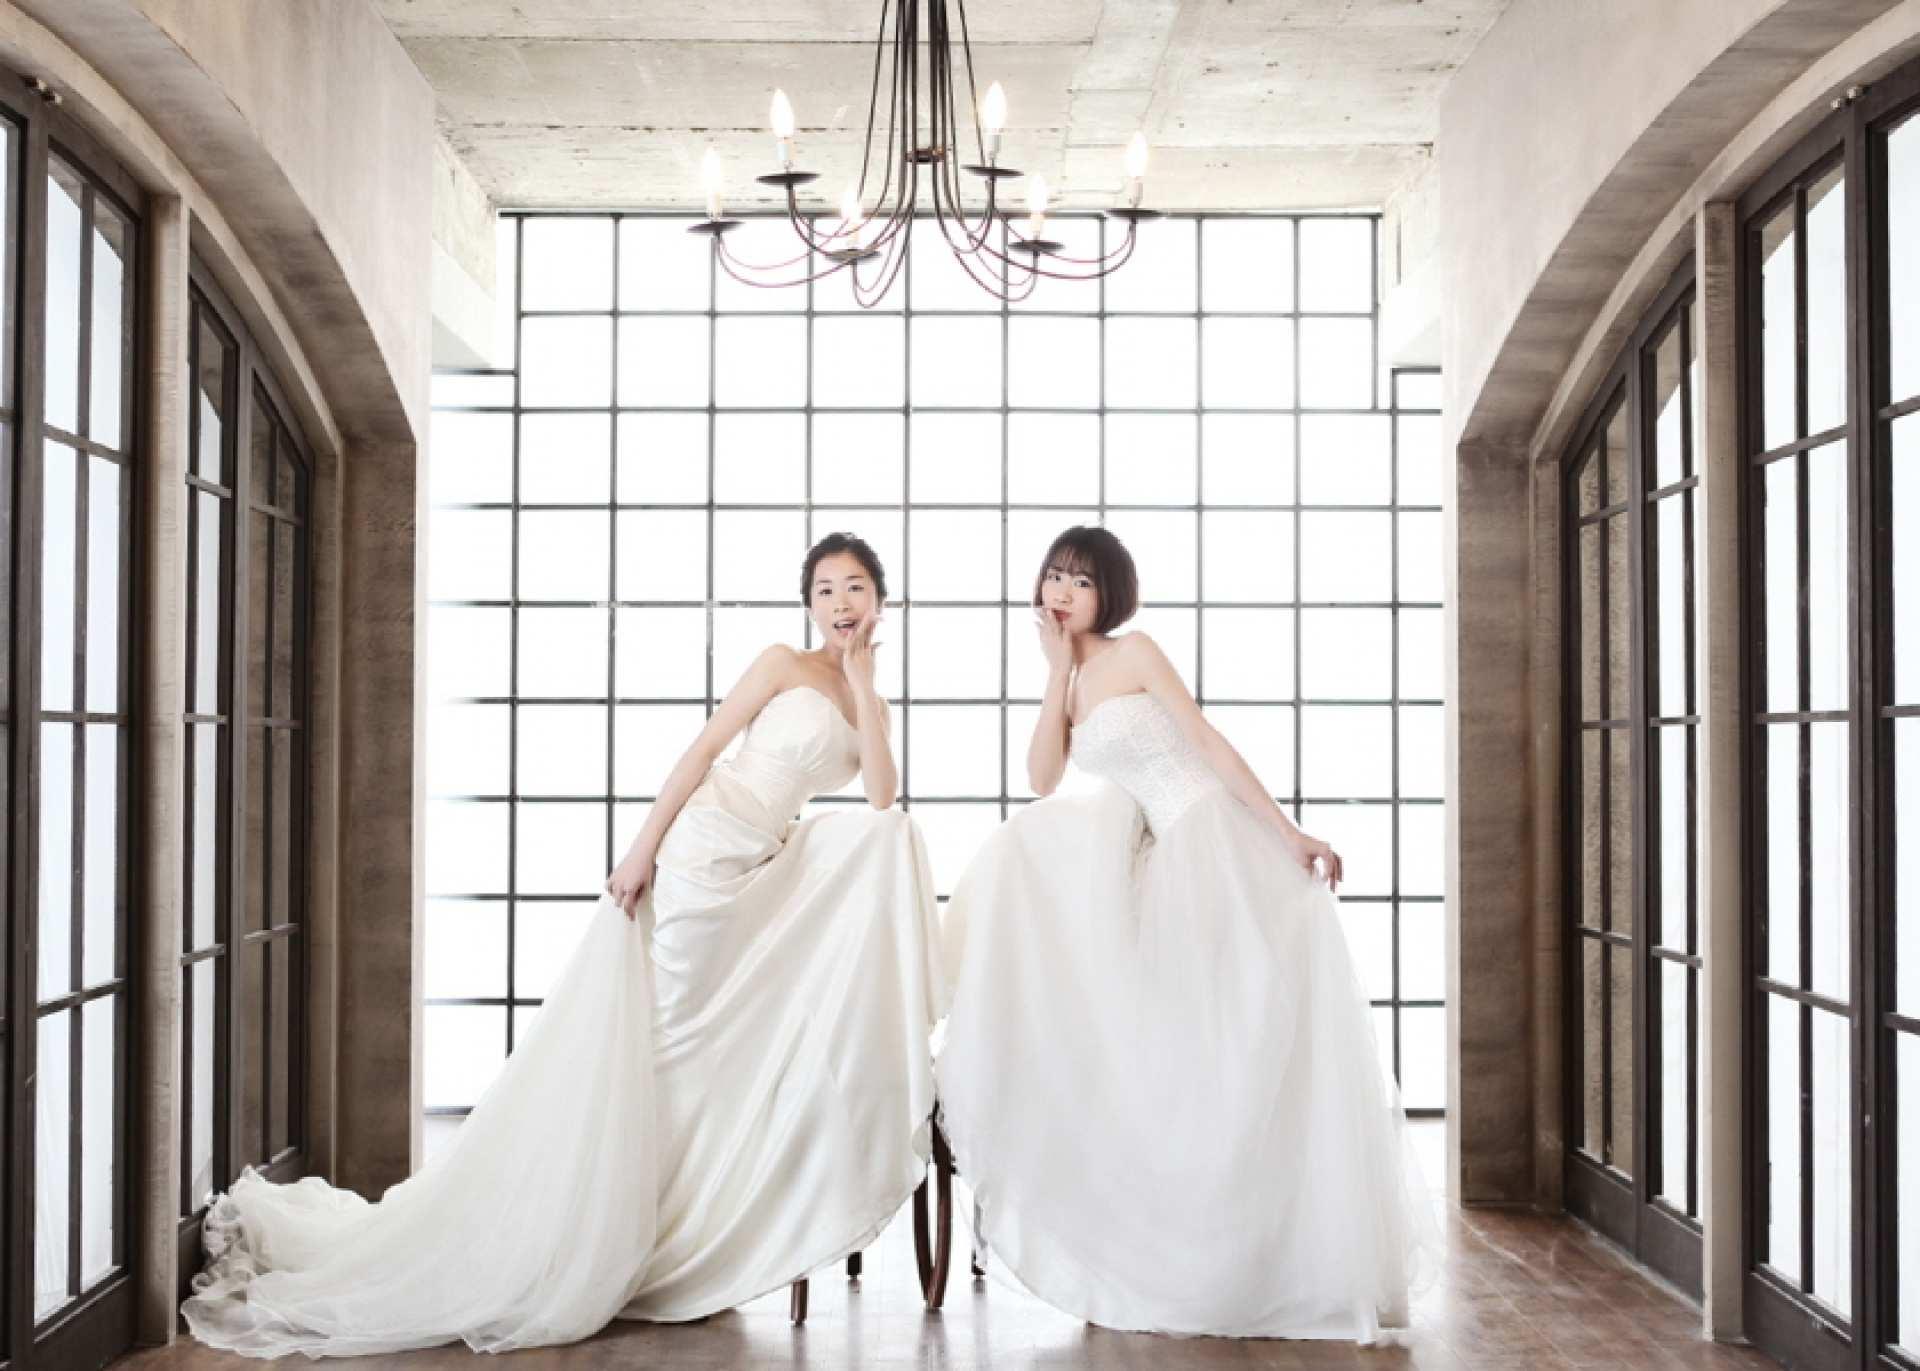 【最美麗的瞬間】 韓國吉安得閨蜜寫真拍攝體驗